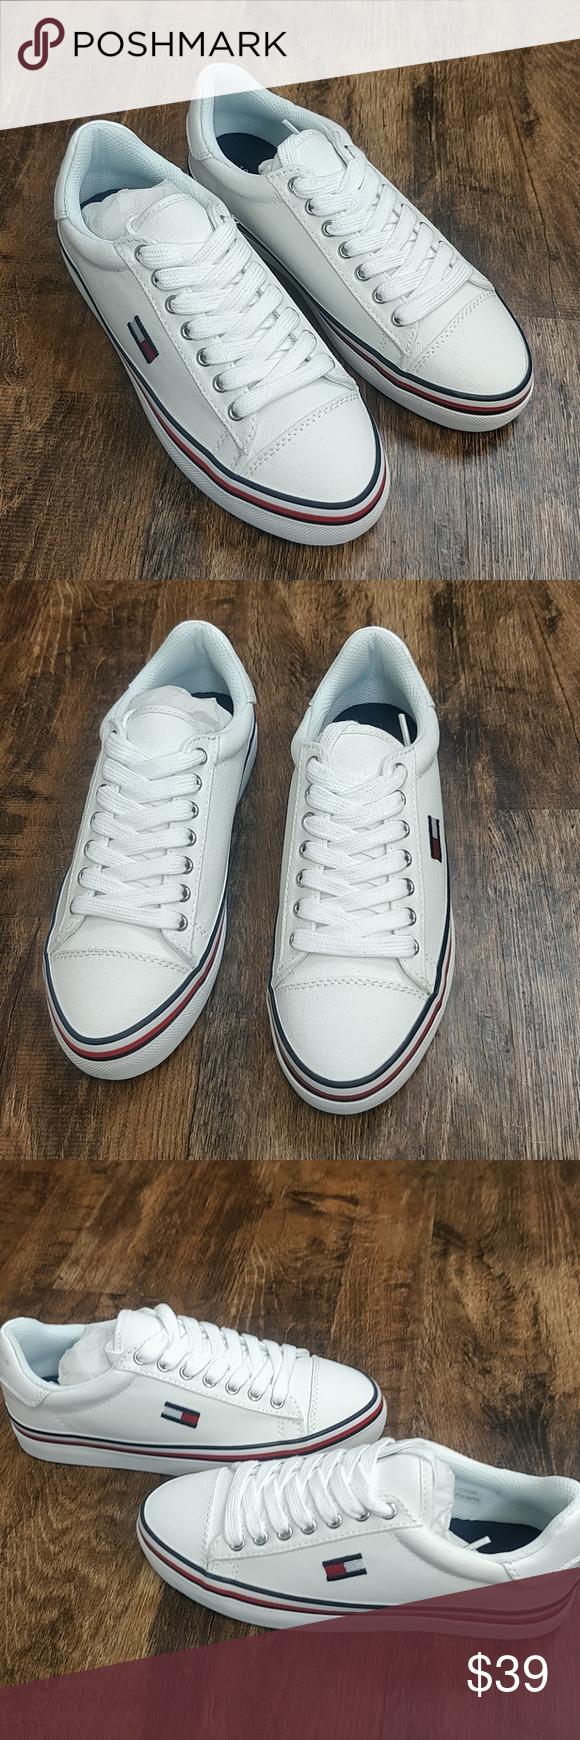 Tommy hilfiger shoes, Tommy hilfiger